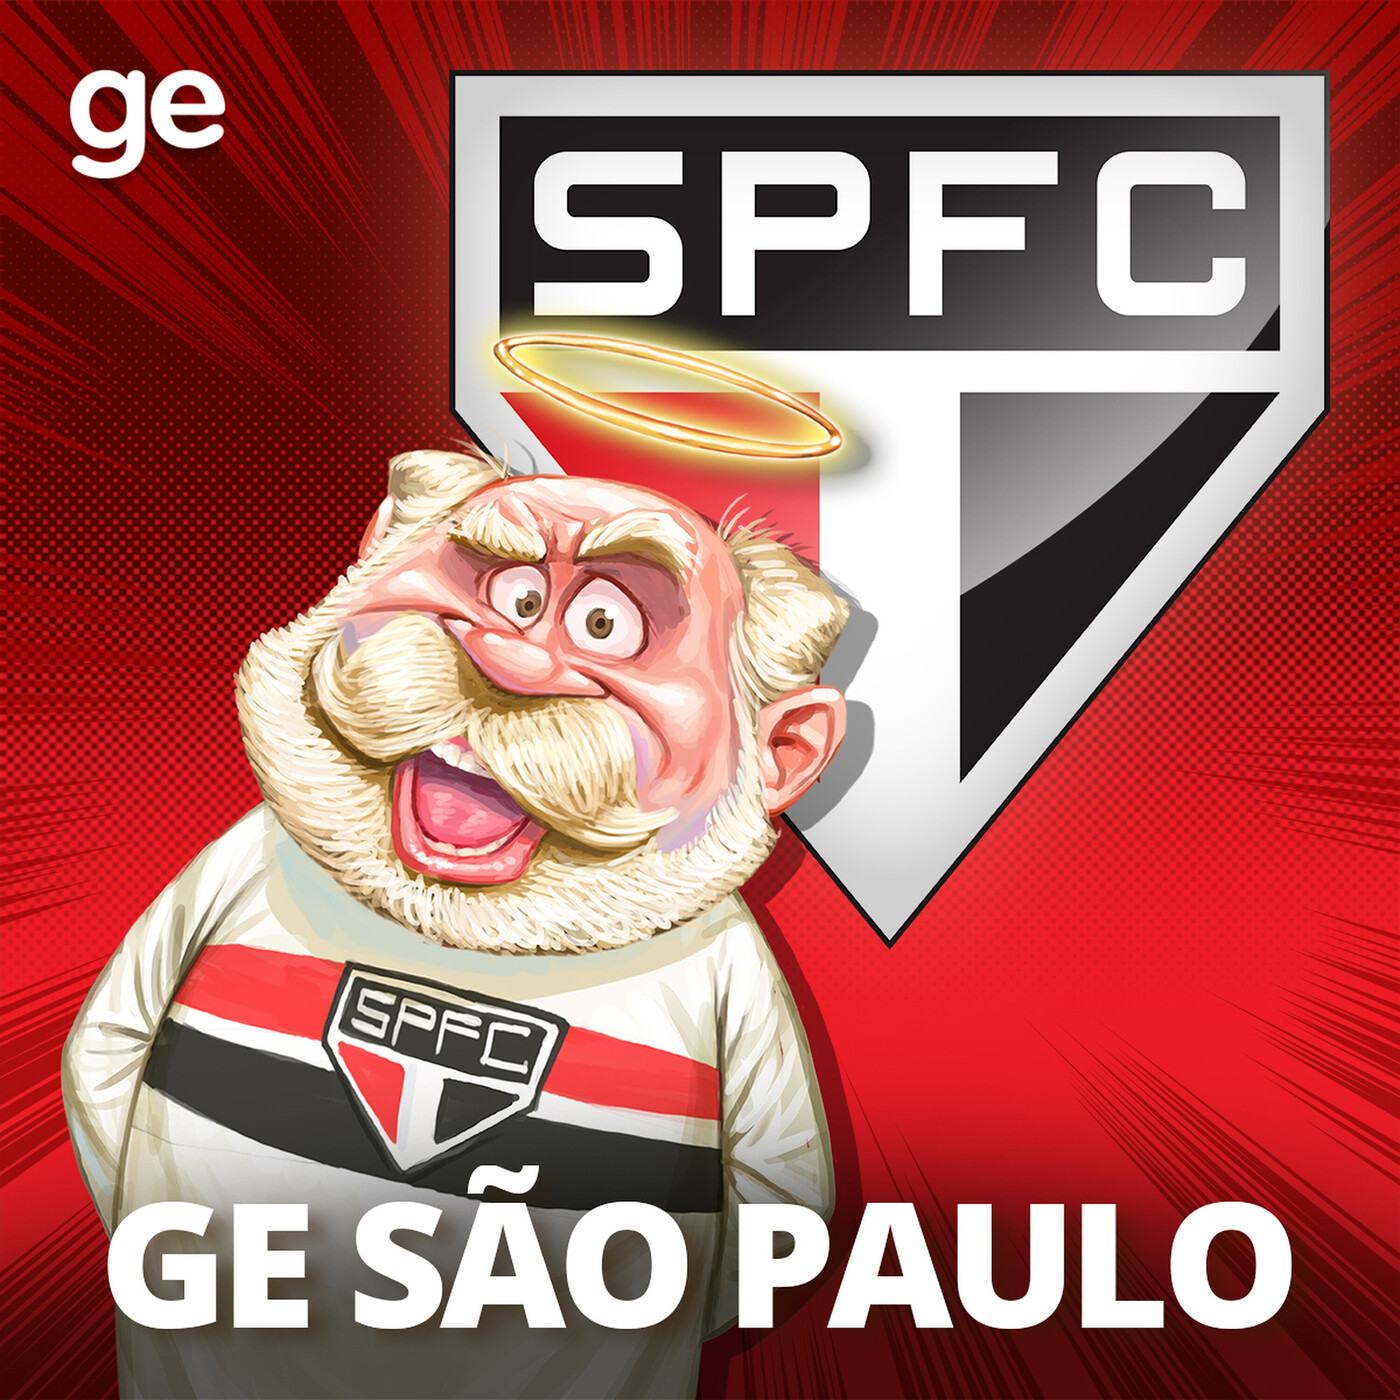 GE São Paulo #76 - A fase ruim de Daniel Alves, o jogo contra o Binacional e a decisão contra o Fortaleza de Ceni